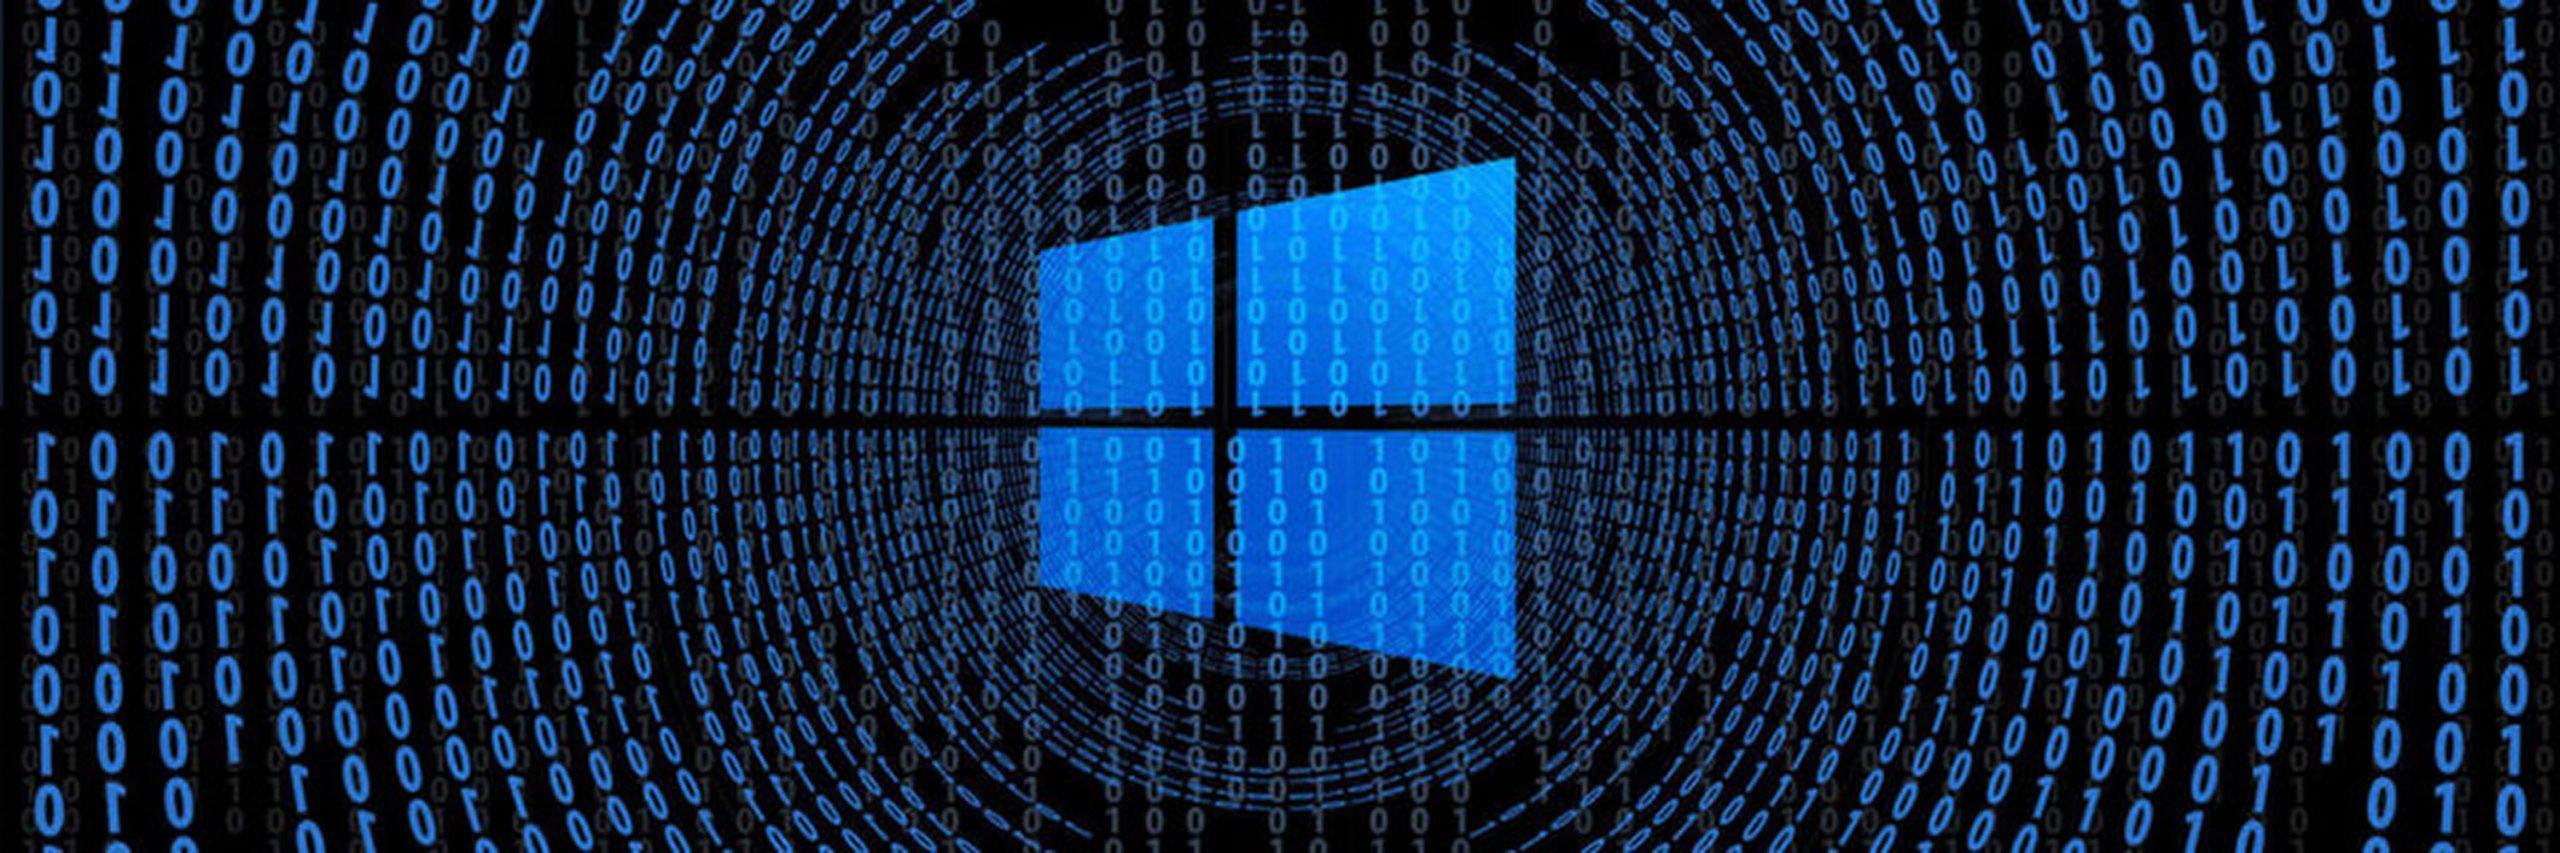 Хакеры обходят межсетевые экраны с помощью функции Windows